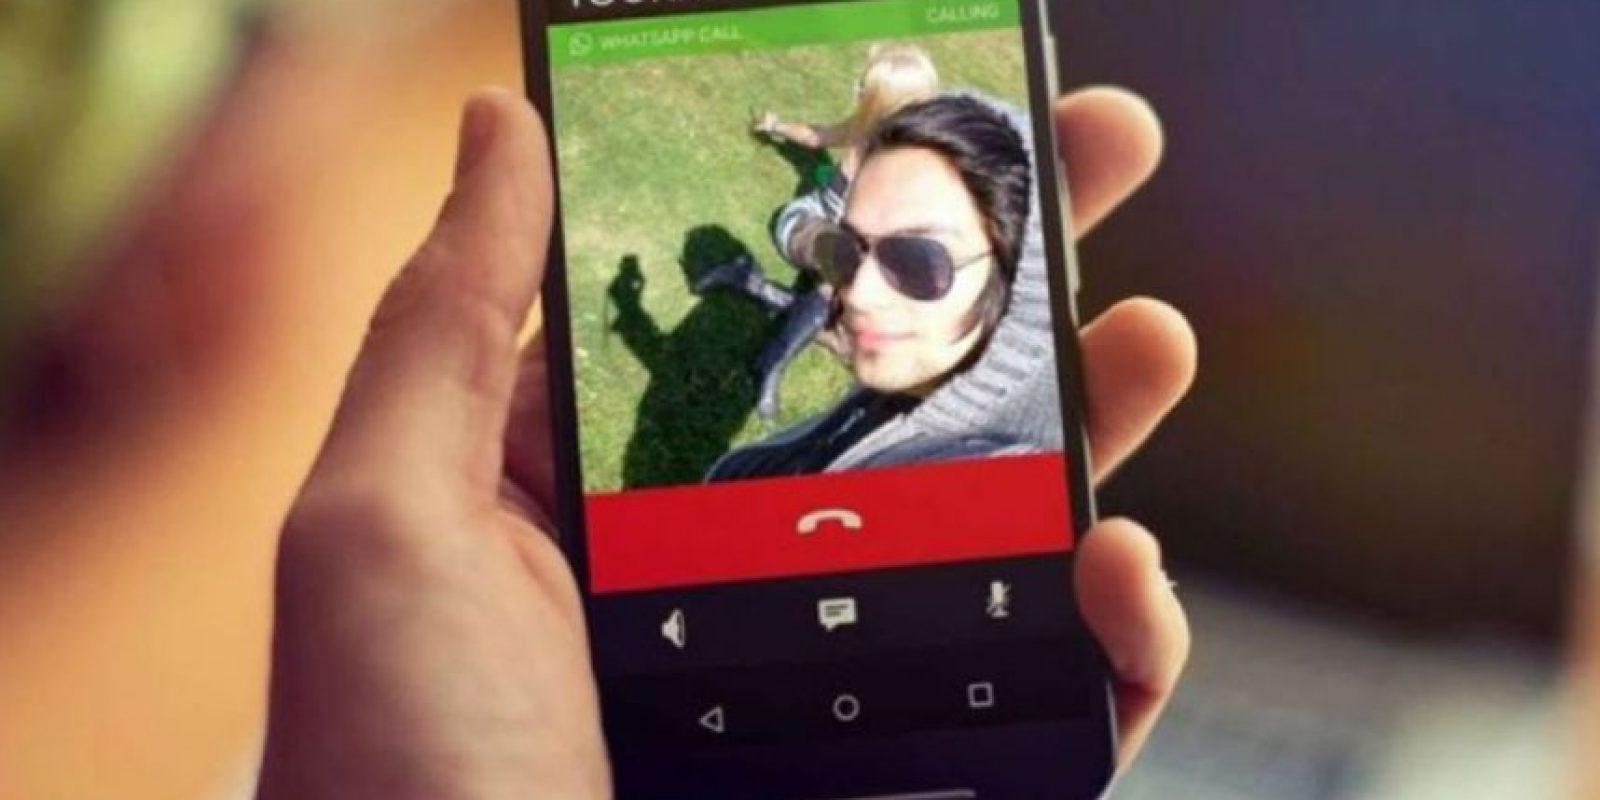 Las llamadas gratis de WhatsApp no son del agrado de todos. Foto:Pinterest